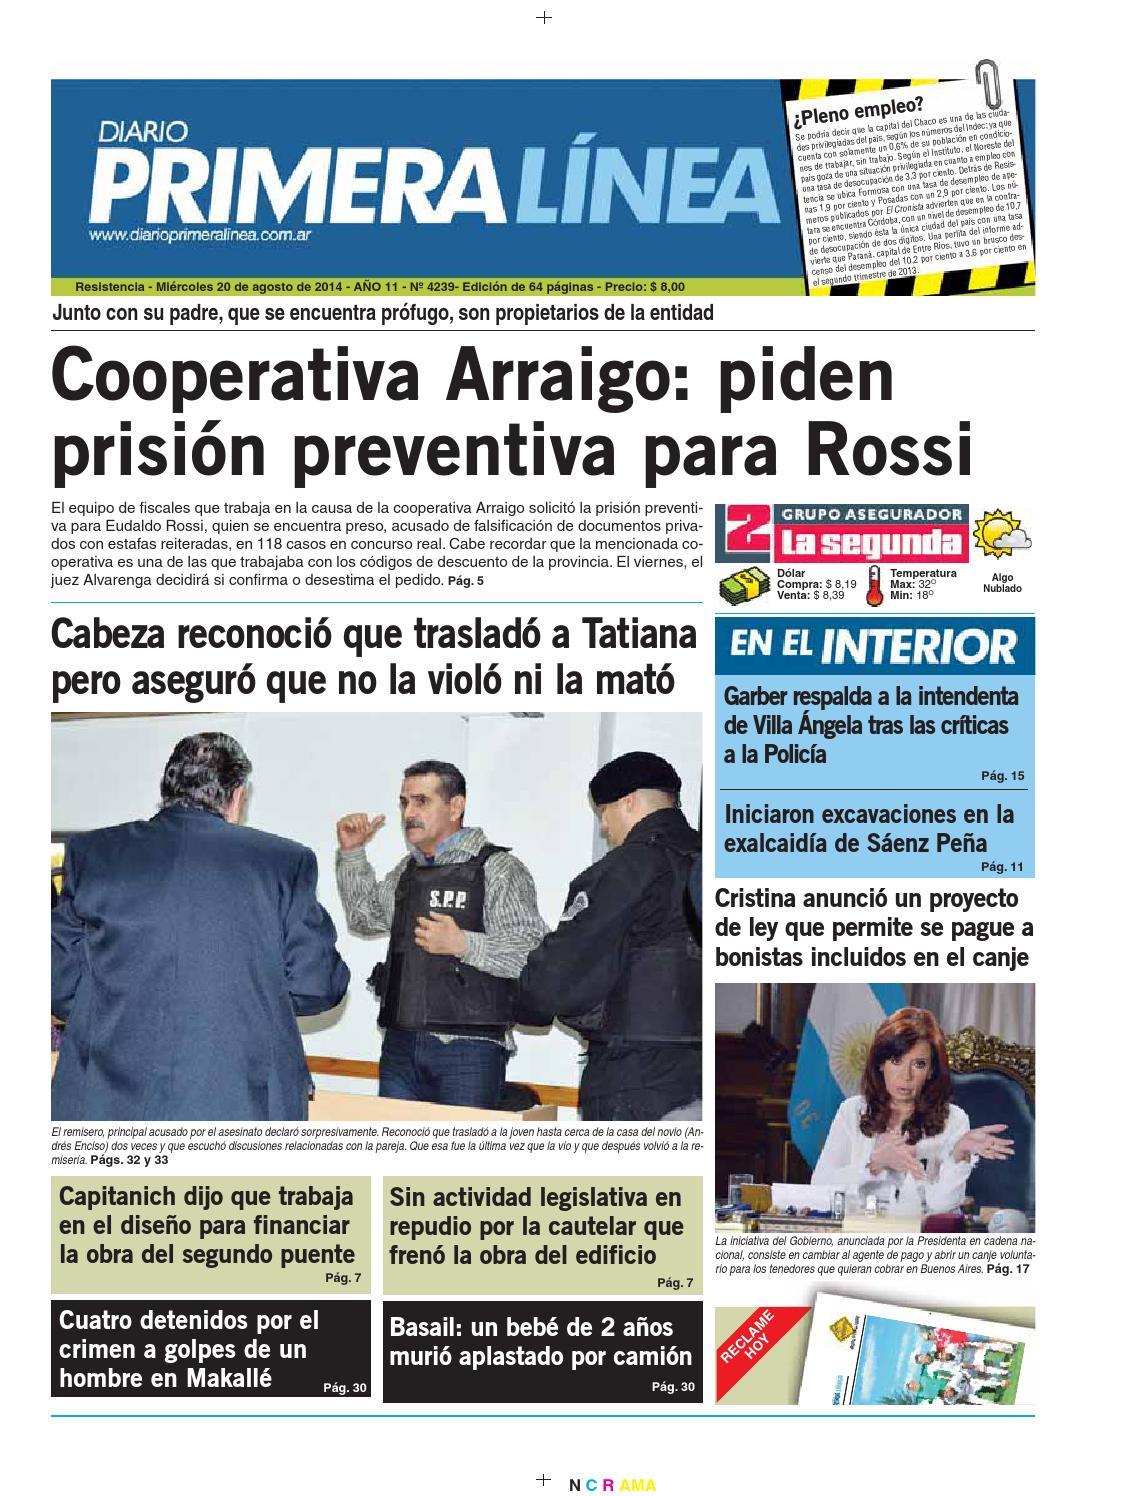 Primera linea 4239 20 08 14 by Diario Primera Linea - issuu